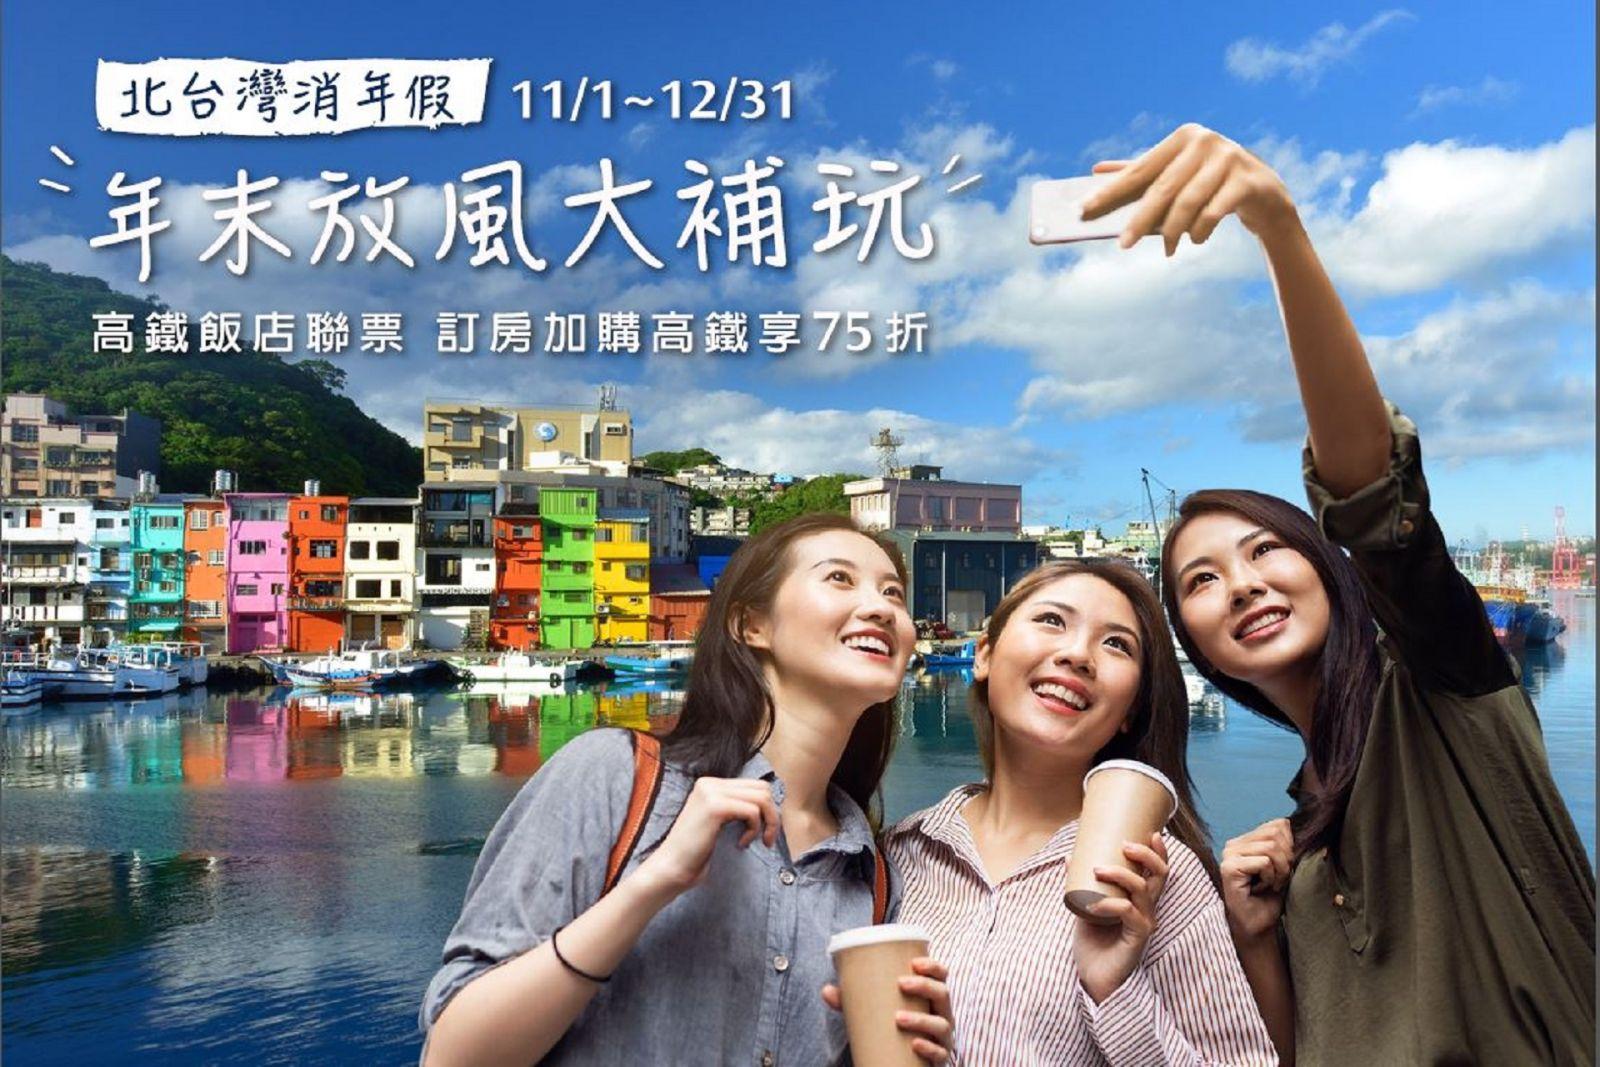 【11-12月 消年假專案】高鐵飯店聯票享加購高鐵75折